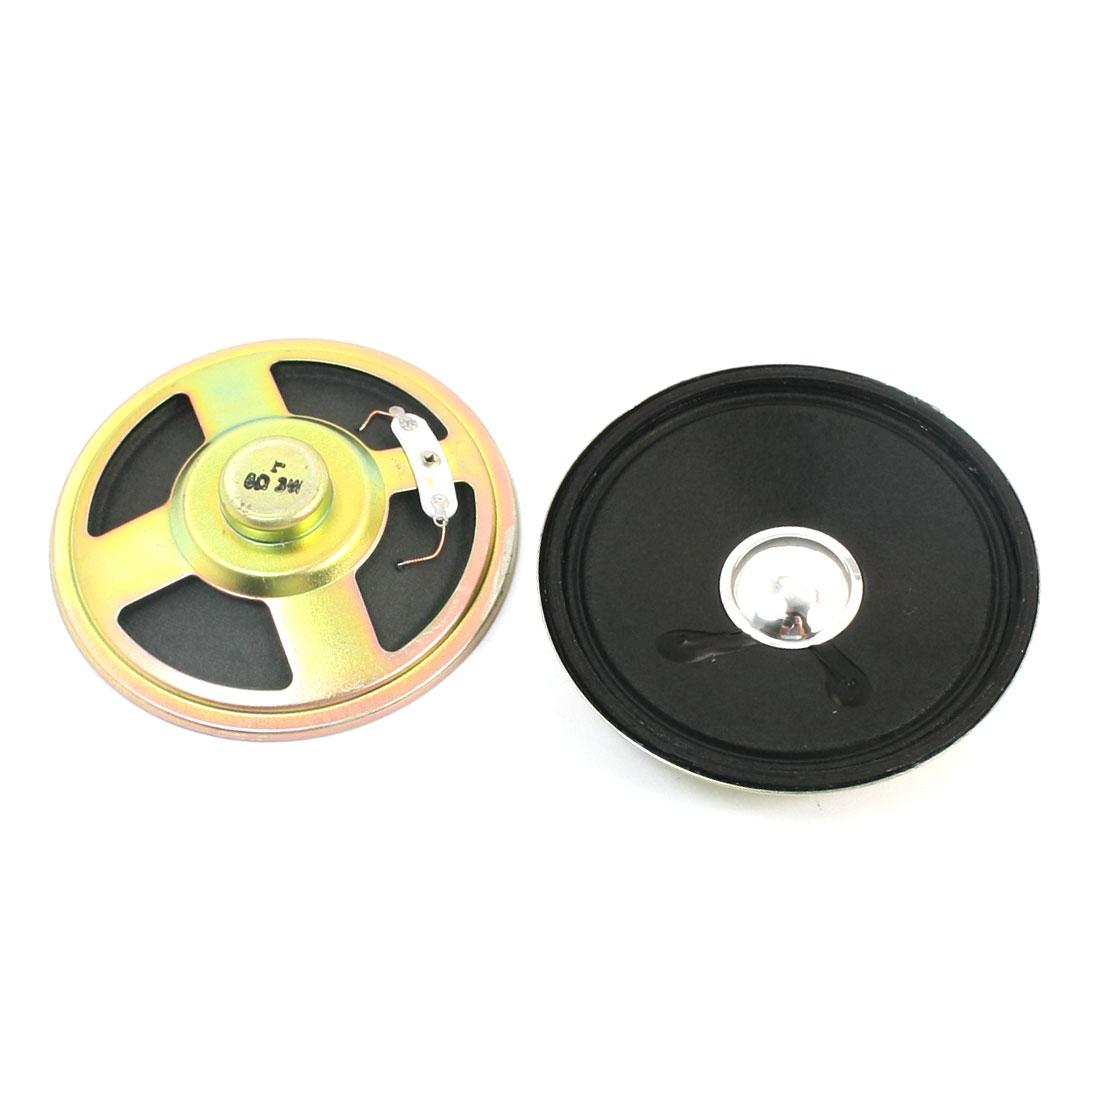 3Watt 8 Ohm Round Metal Housing Internal Magnetic Music Player Speaker Loudspeaker Horn 77mm 2Pcs